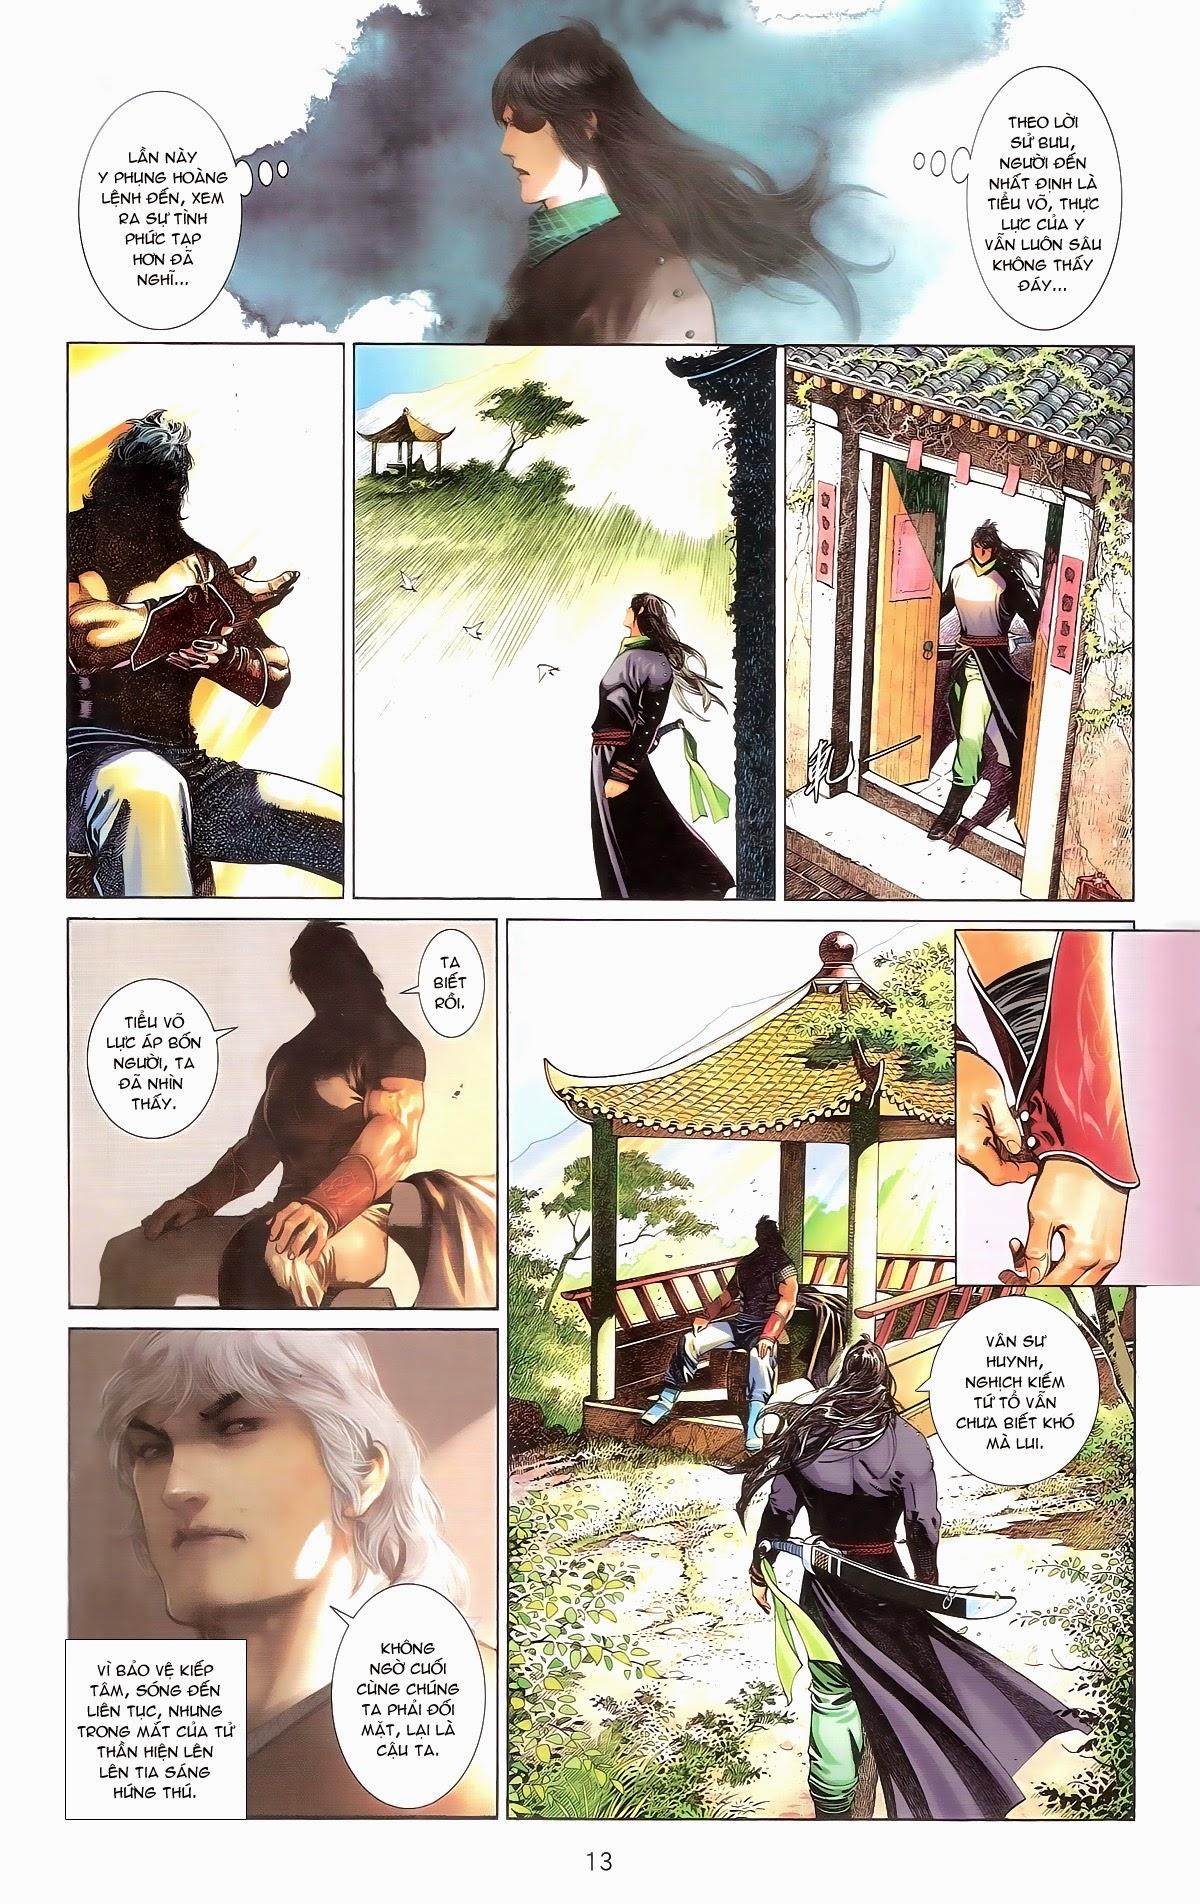 Phong Vân chap 674 – End Trang 15 - Mangak.info